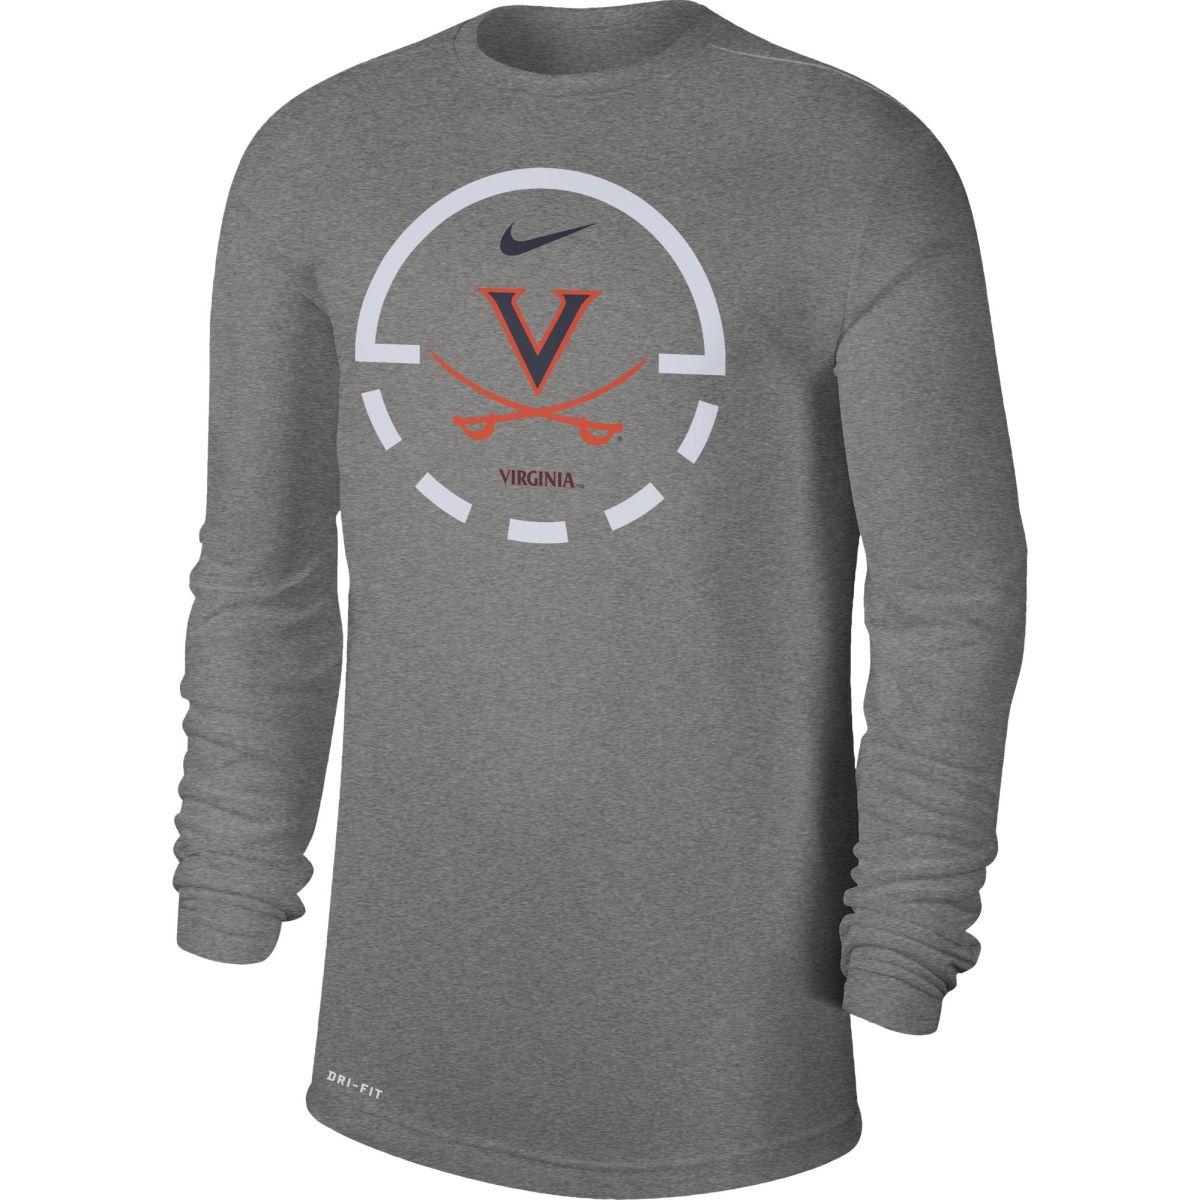 Virginia Basketball DriFit Legend LS T-shirt